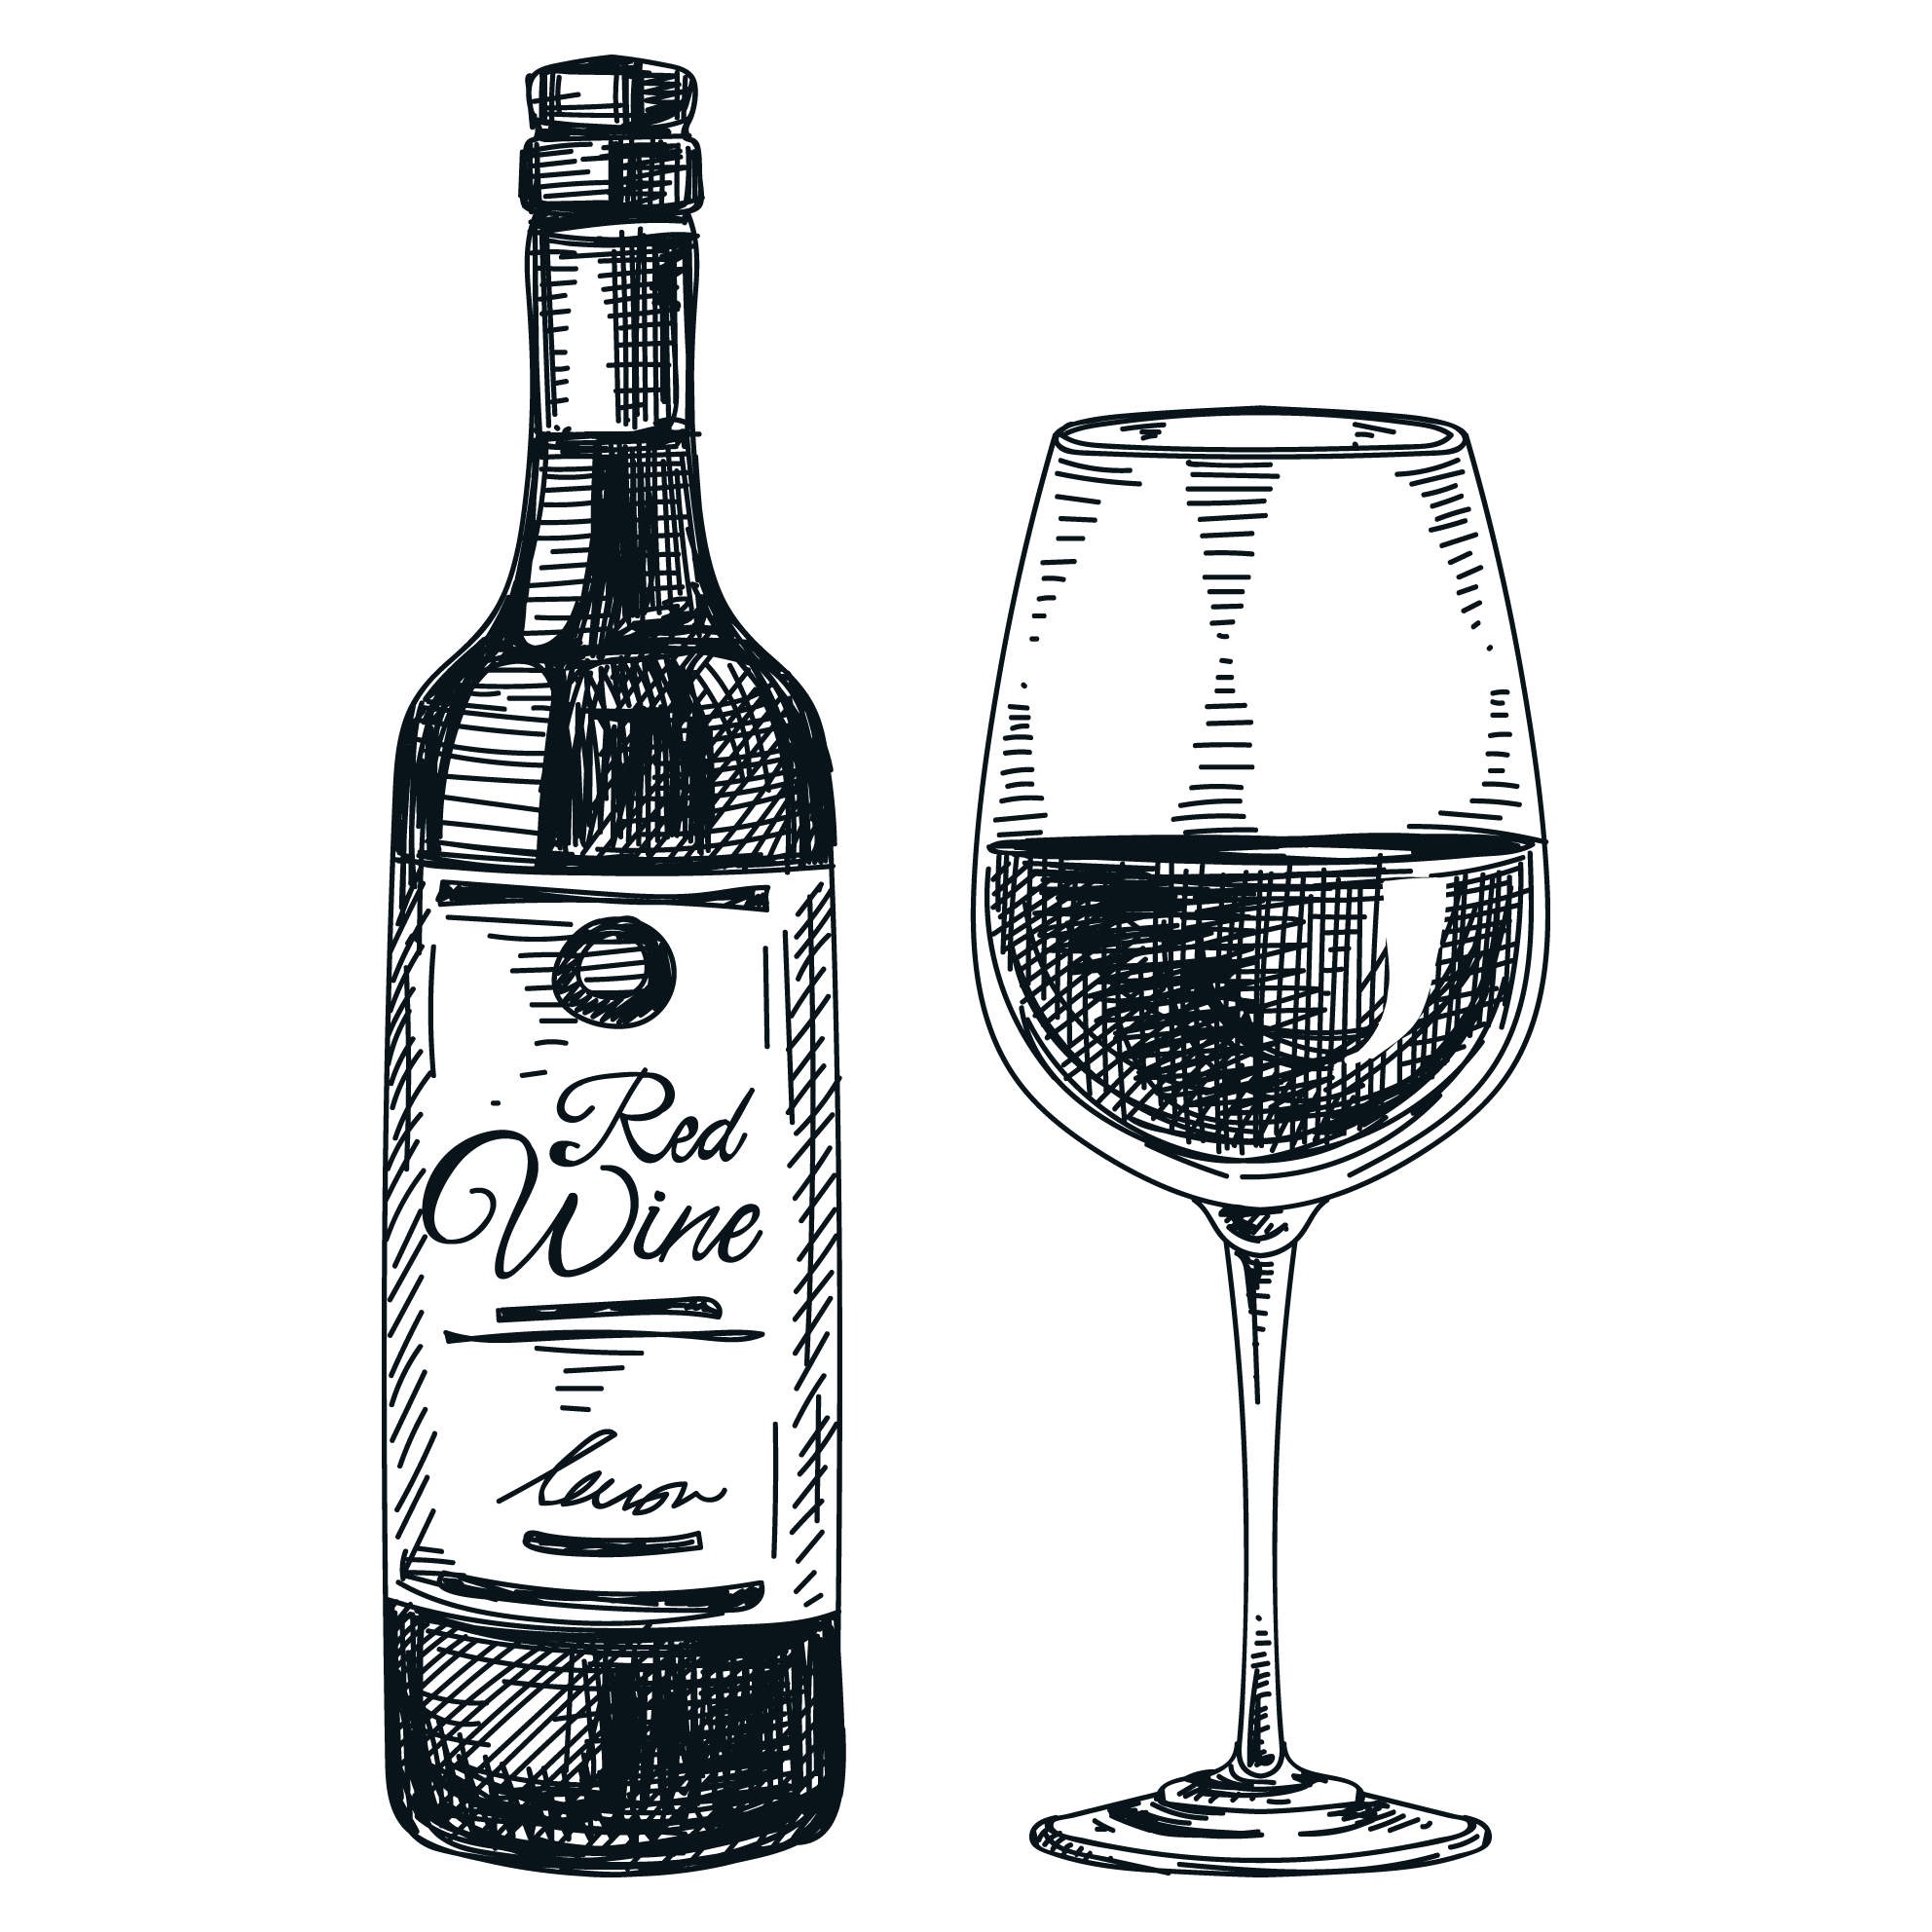 thüringer weine weintasting Weinlehrgänge weine aus Thüringen Rotwein Weißwein regionale inregia